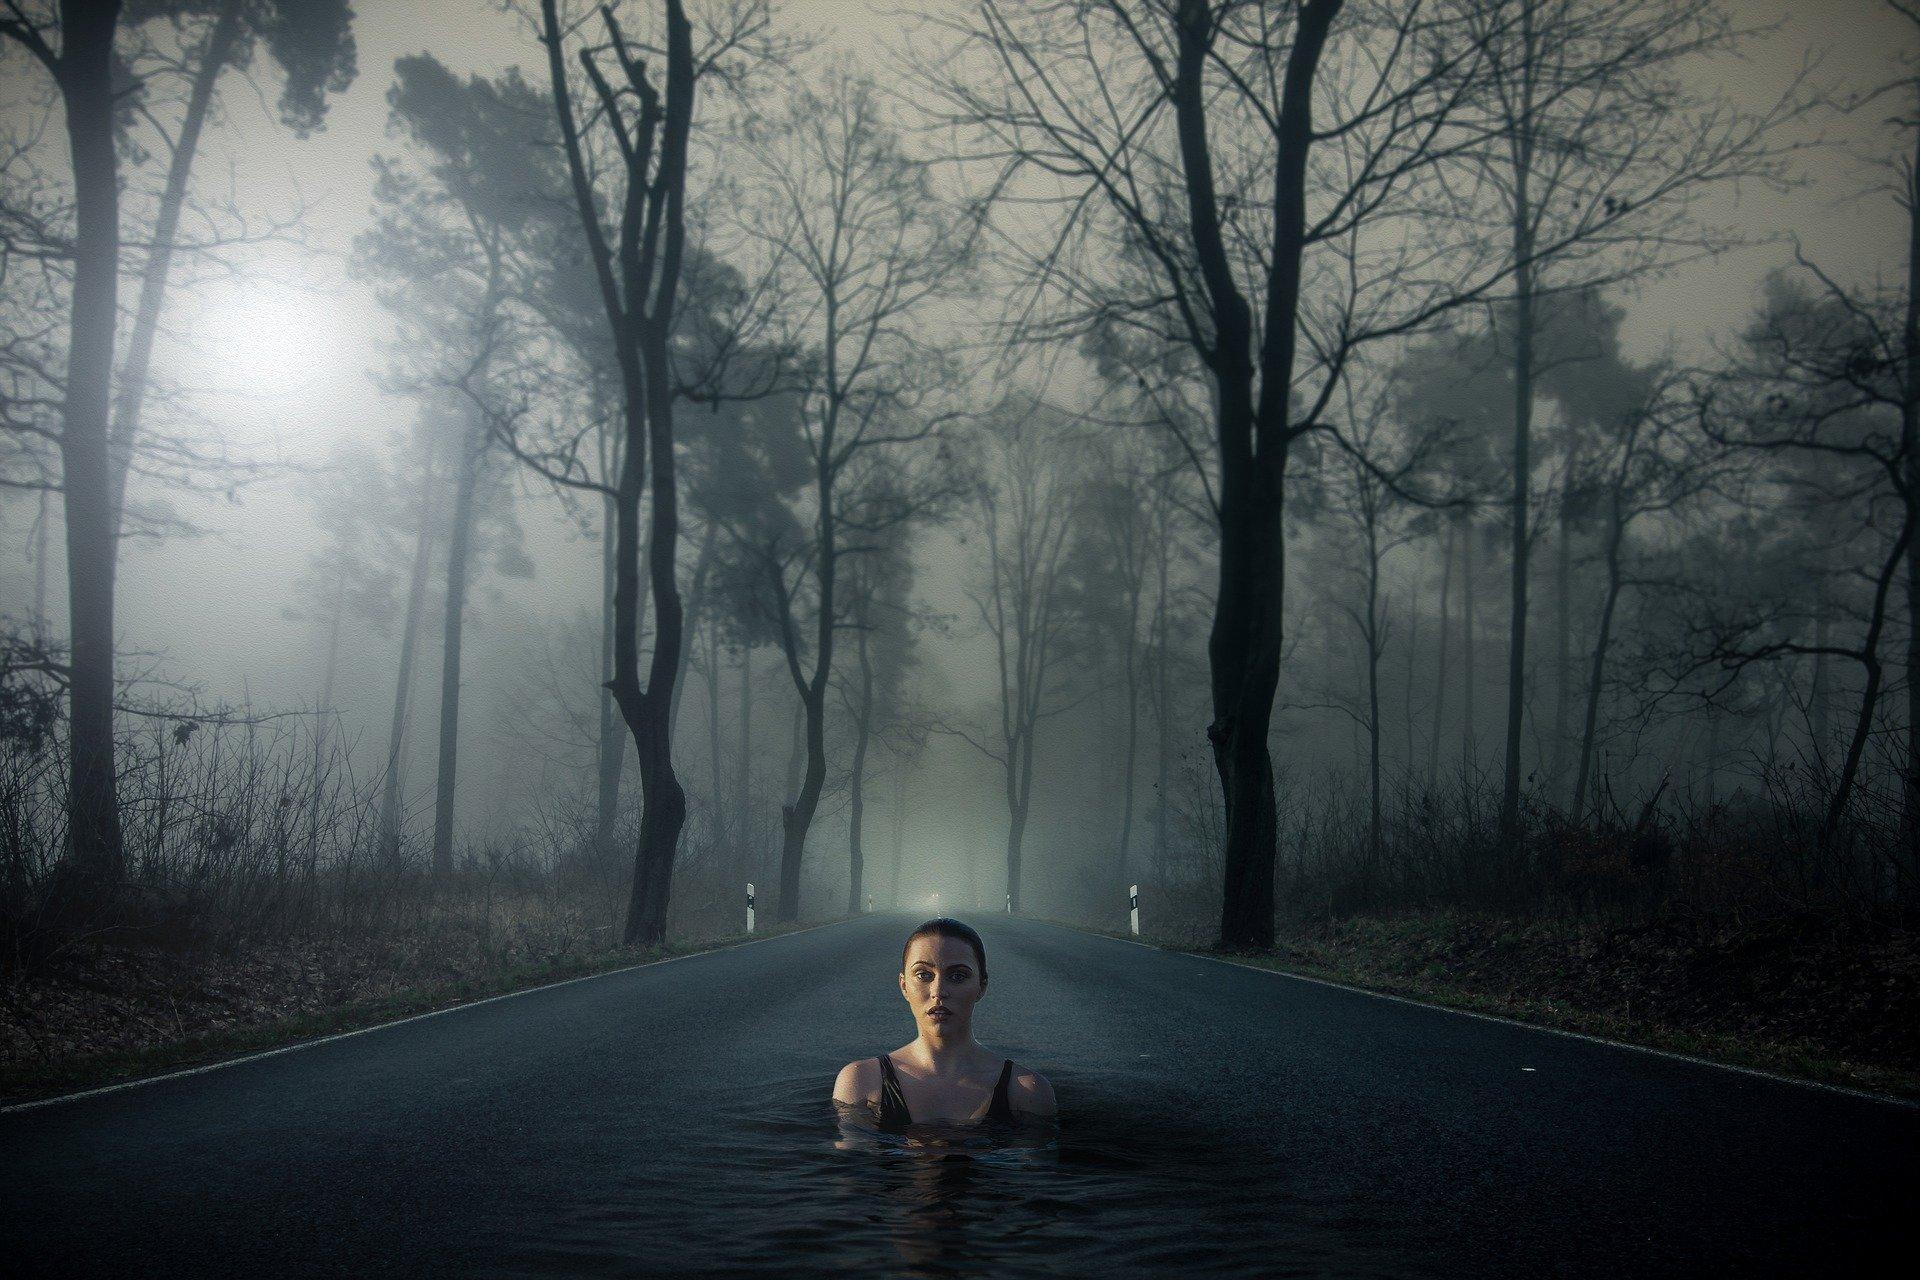 una donna immersa nell'acqua di una strada in mezzo ad alberi e nebbia